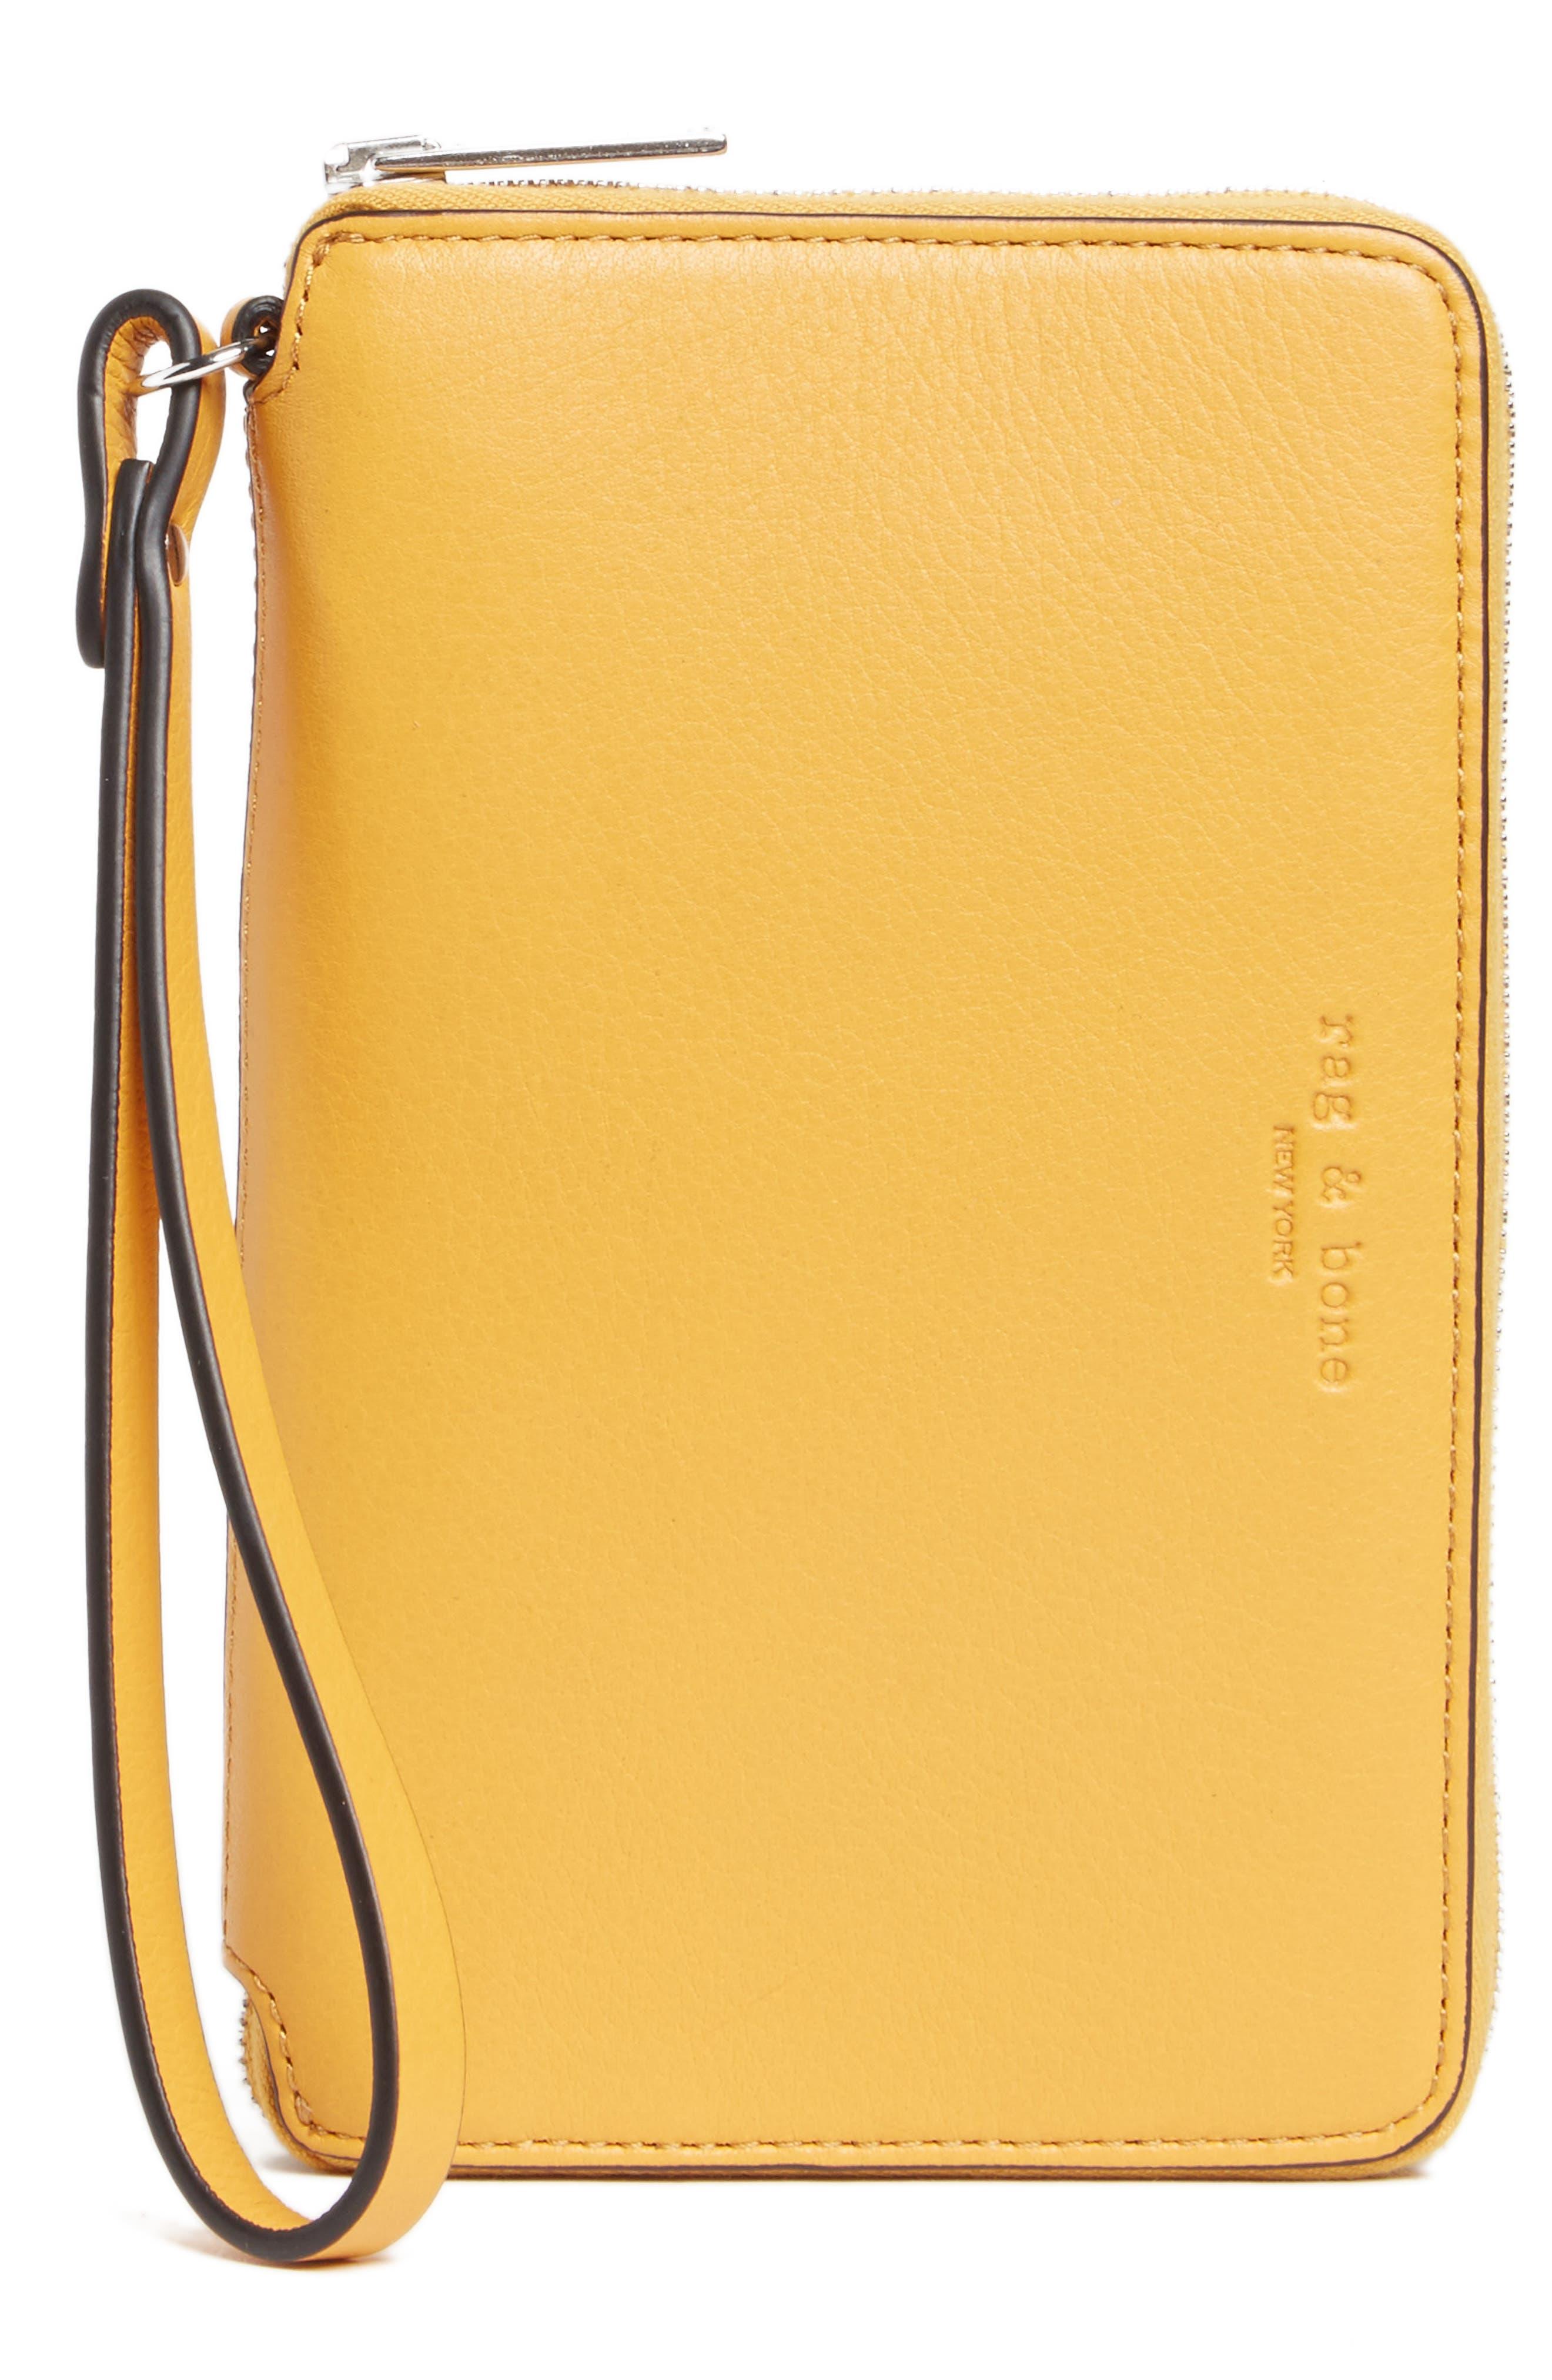 RAG & BONE Devon Leather Smartphone Wallet